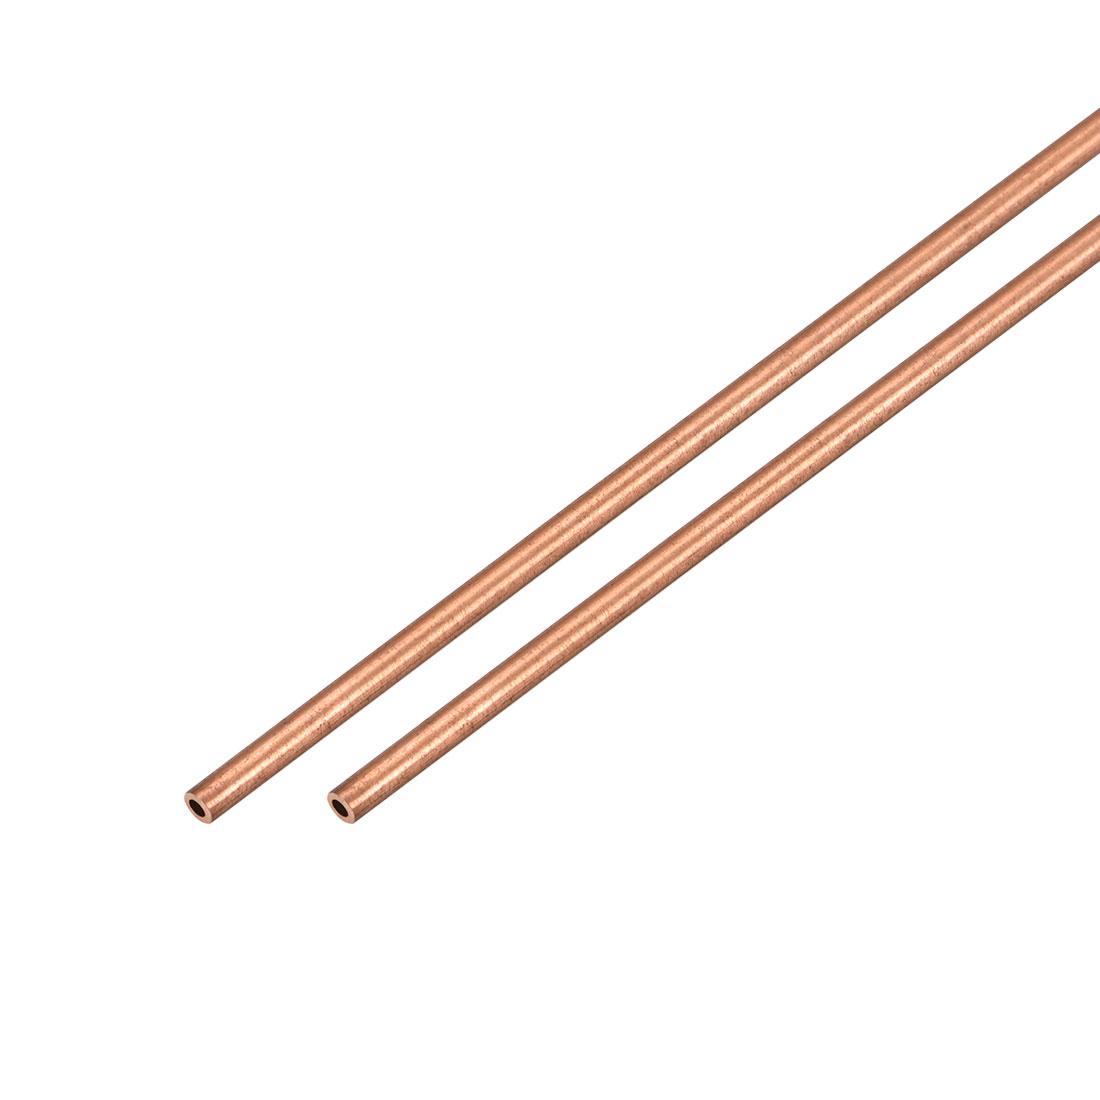 2Pcs 2mm Outside Diameter x 1mm Inside Diameter 500mm Copper Round Tube Pipe